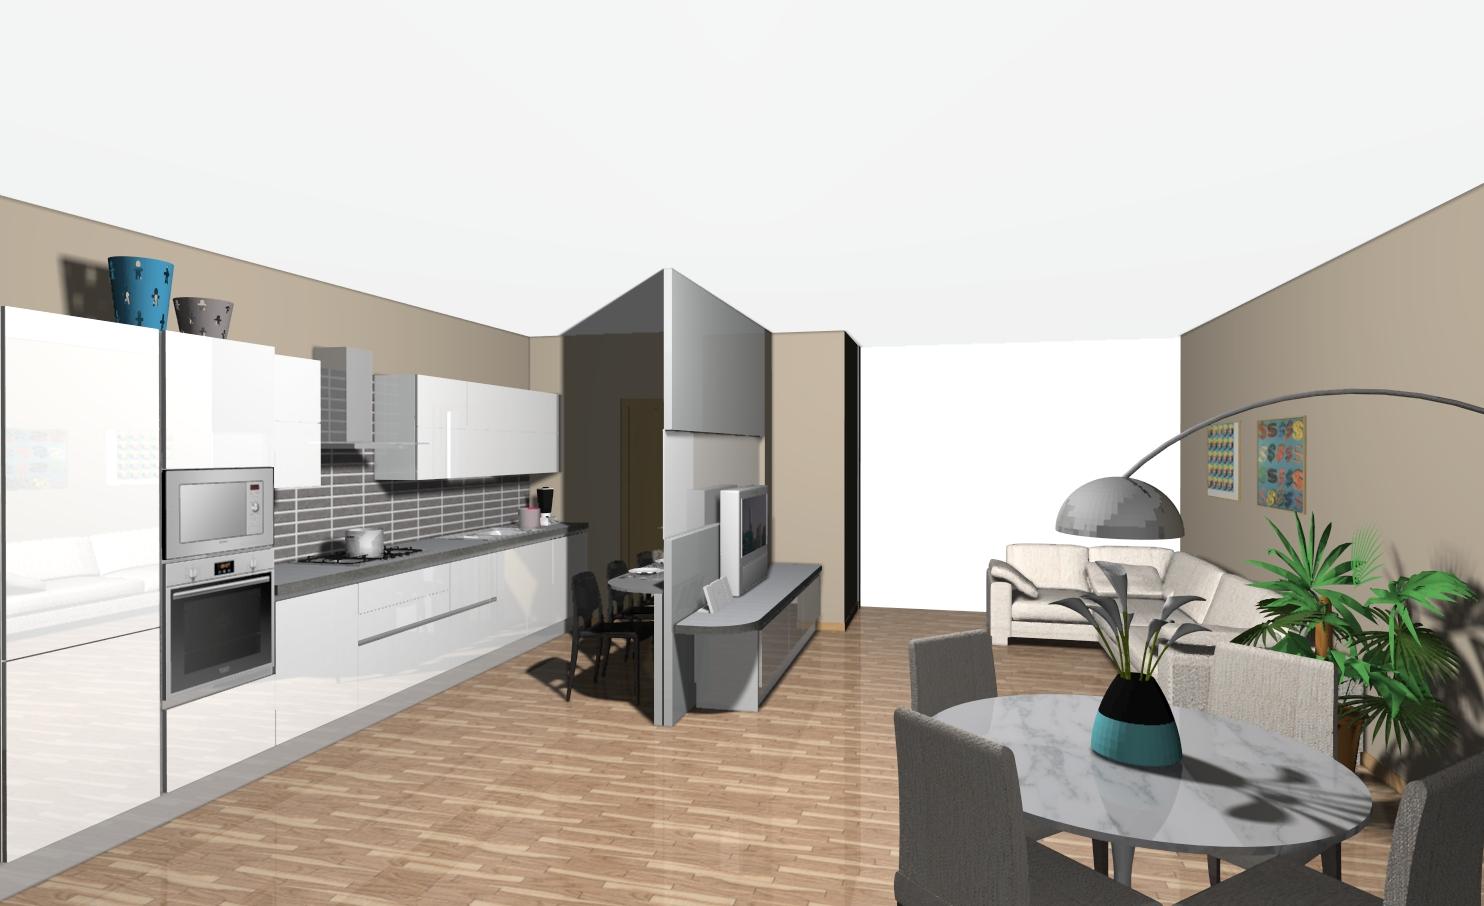 non solo mobili | idee arredamento casa , terrazzi e giardini - Ambiente Unico Cucina Soggiorno Casa